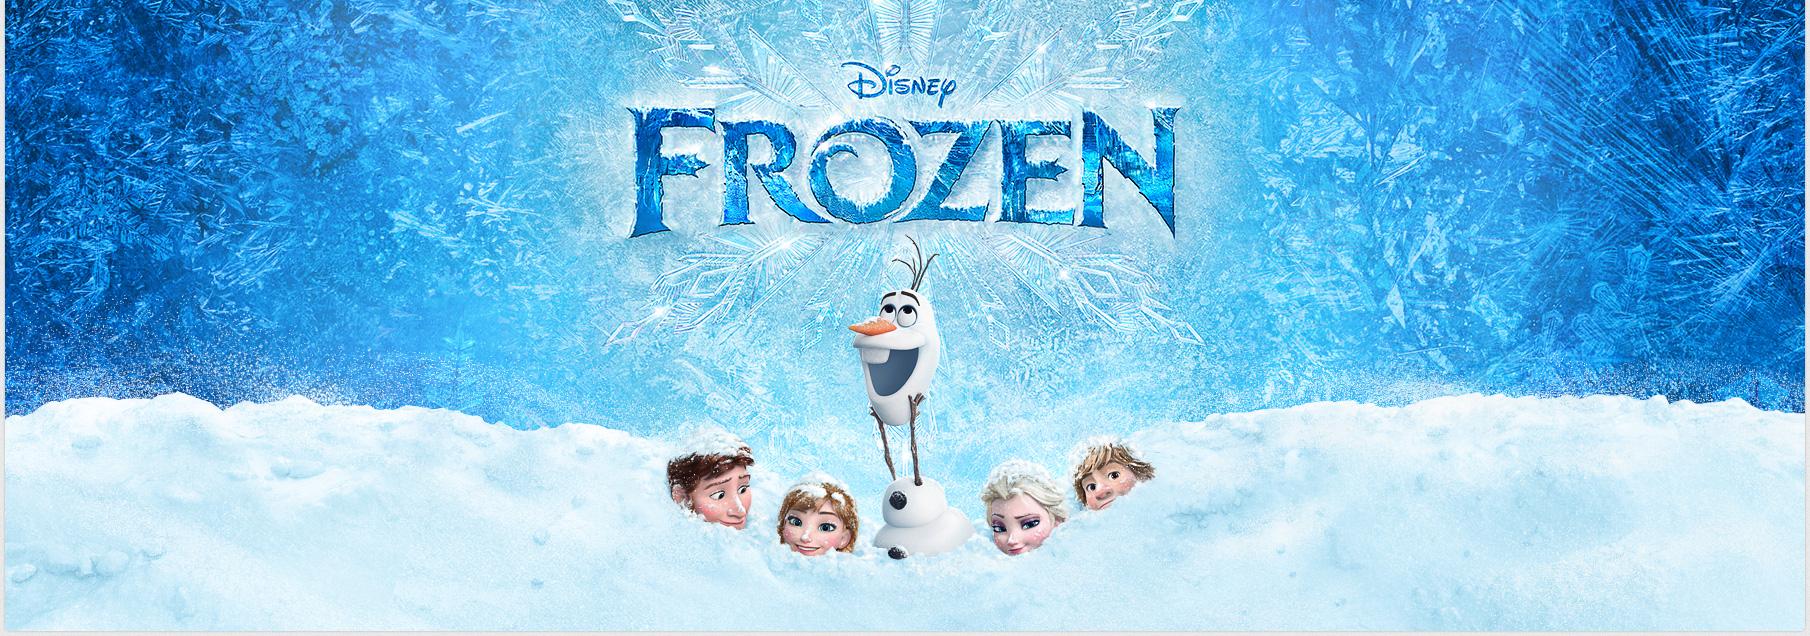 Disney Frozen Landscape Wallpaper 1810x636